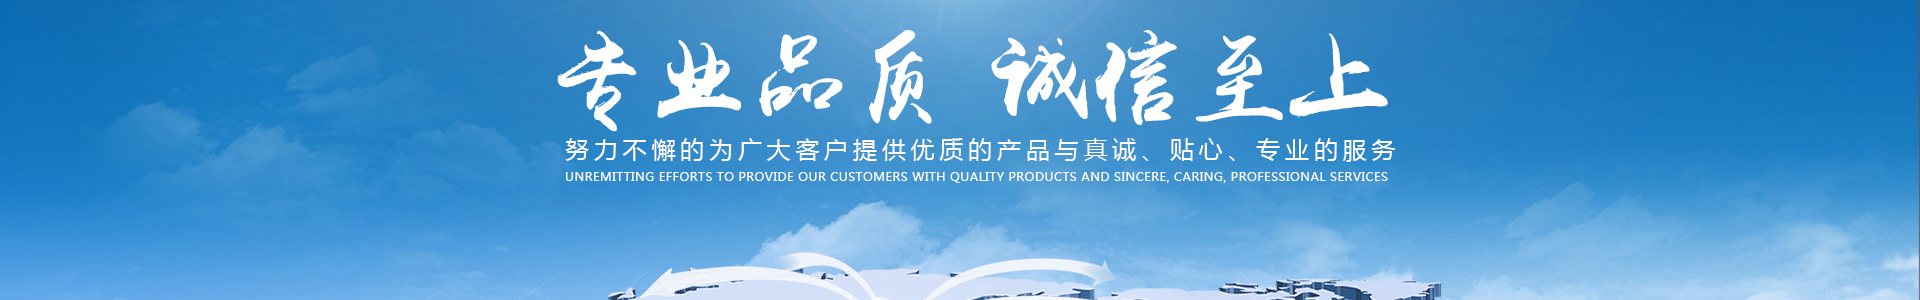 东元电机股份有限公司